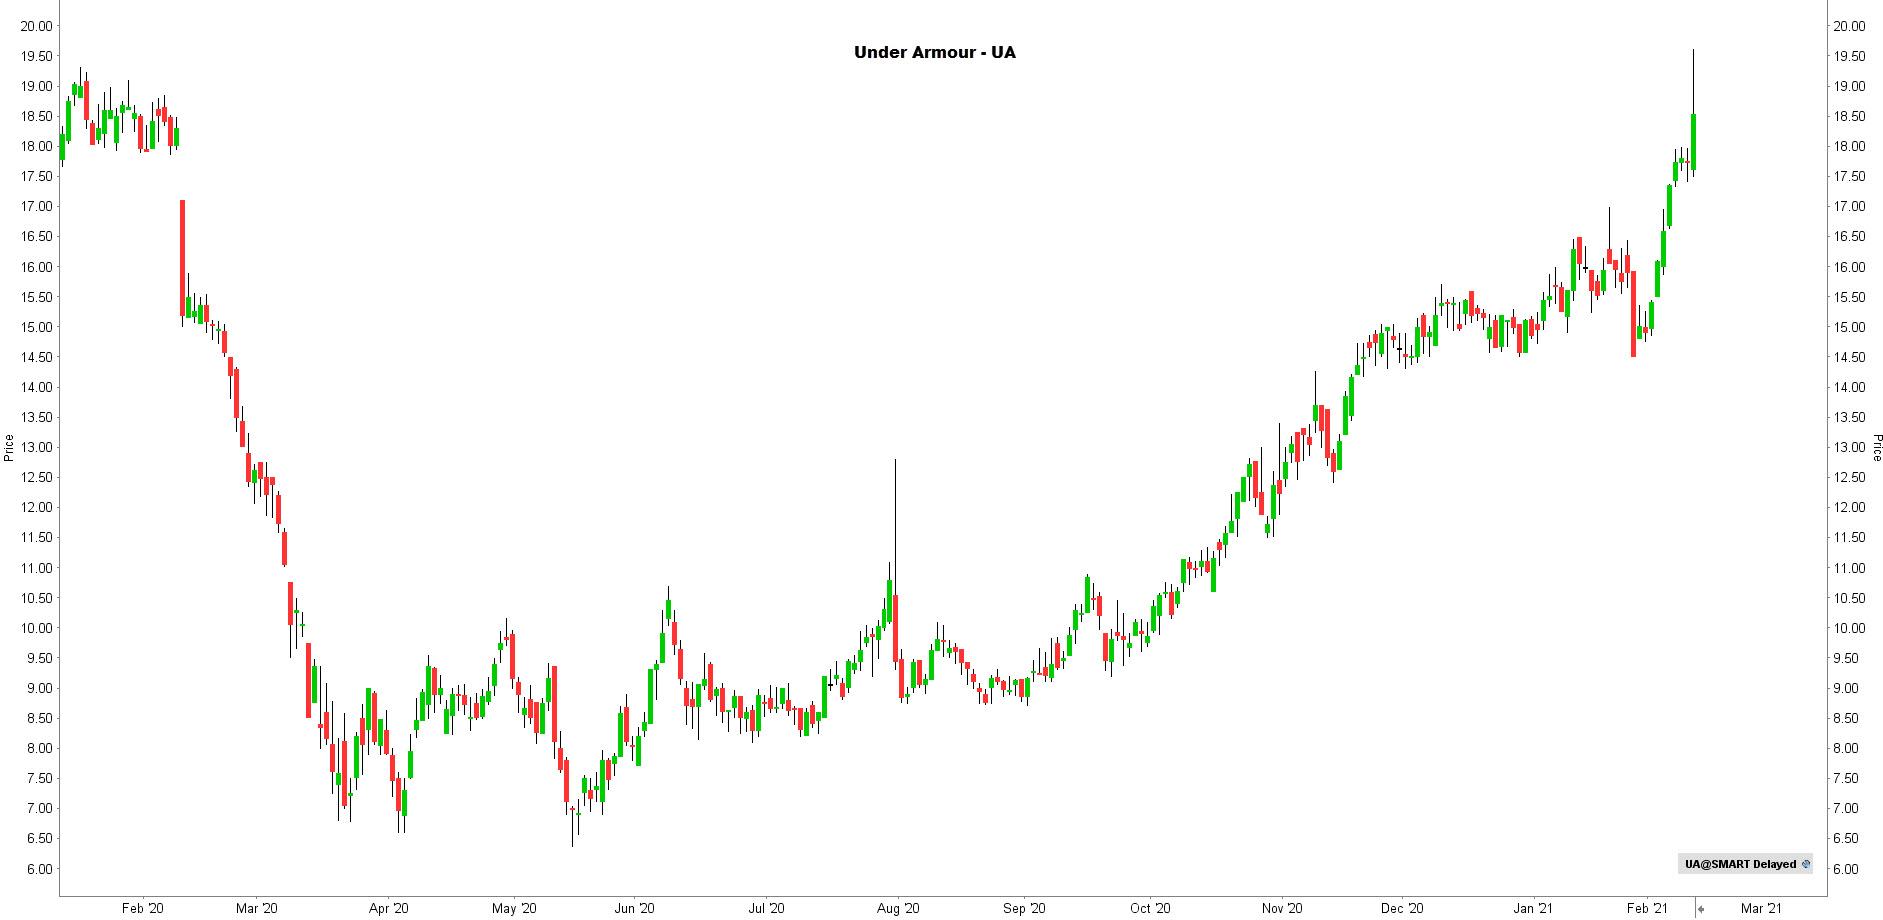 la chronique lynx broker 110221 - graphique Under Armour